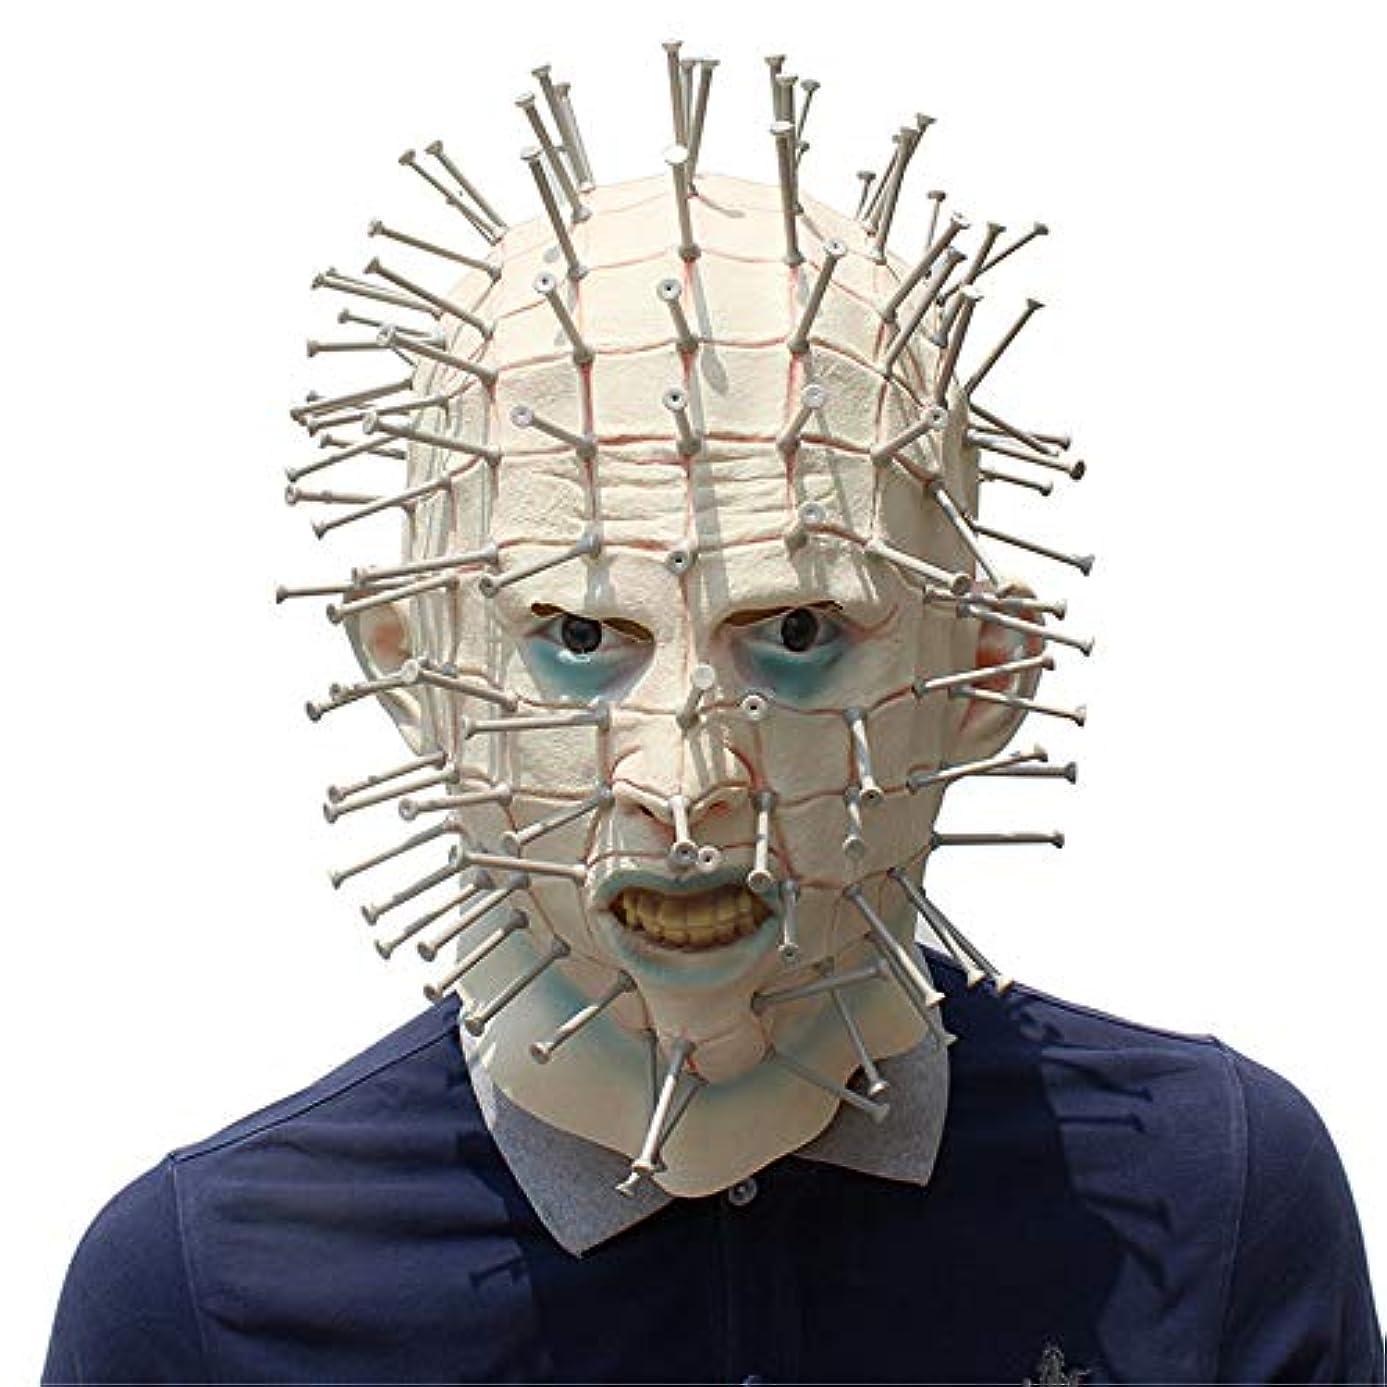 心理的に強大なさわやかテロリストゴーストチェイスマスクハロウィンクリエイティブヘッドギアネイルマスクヘッドギア